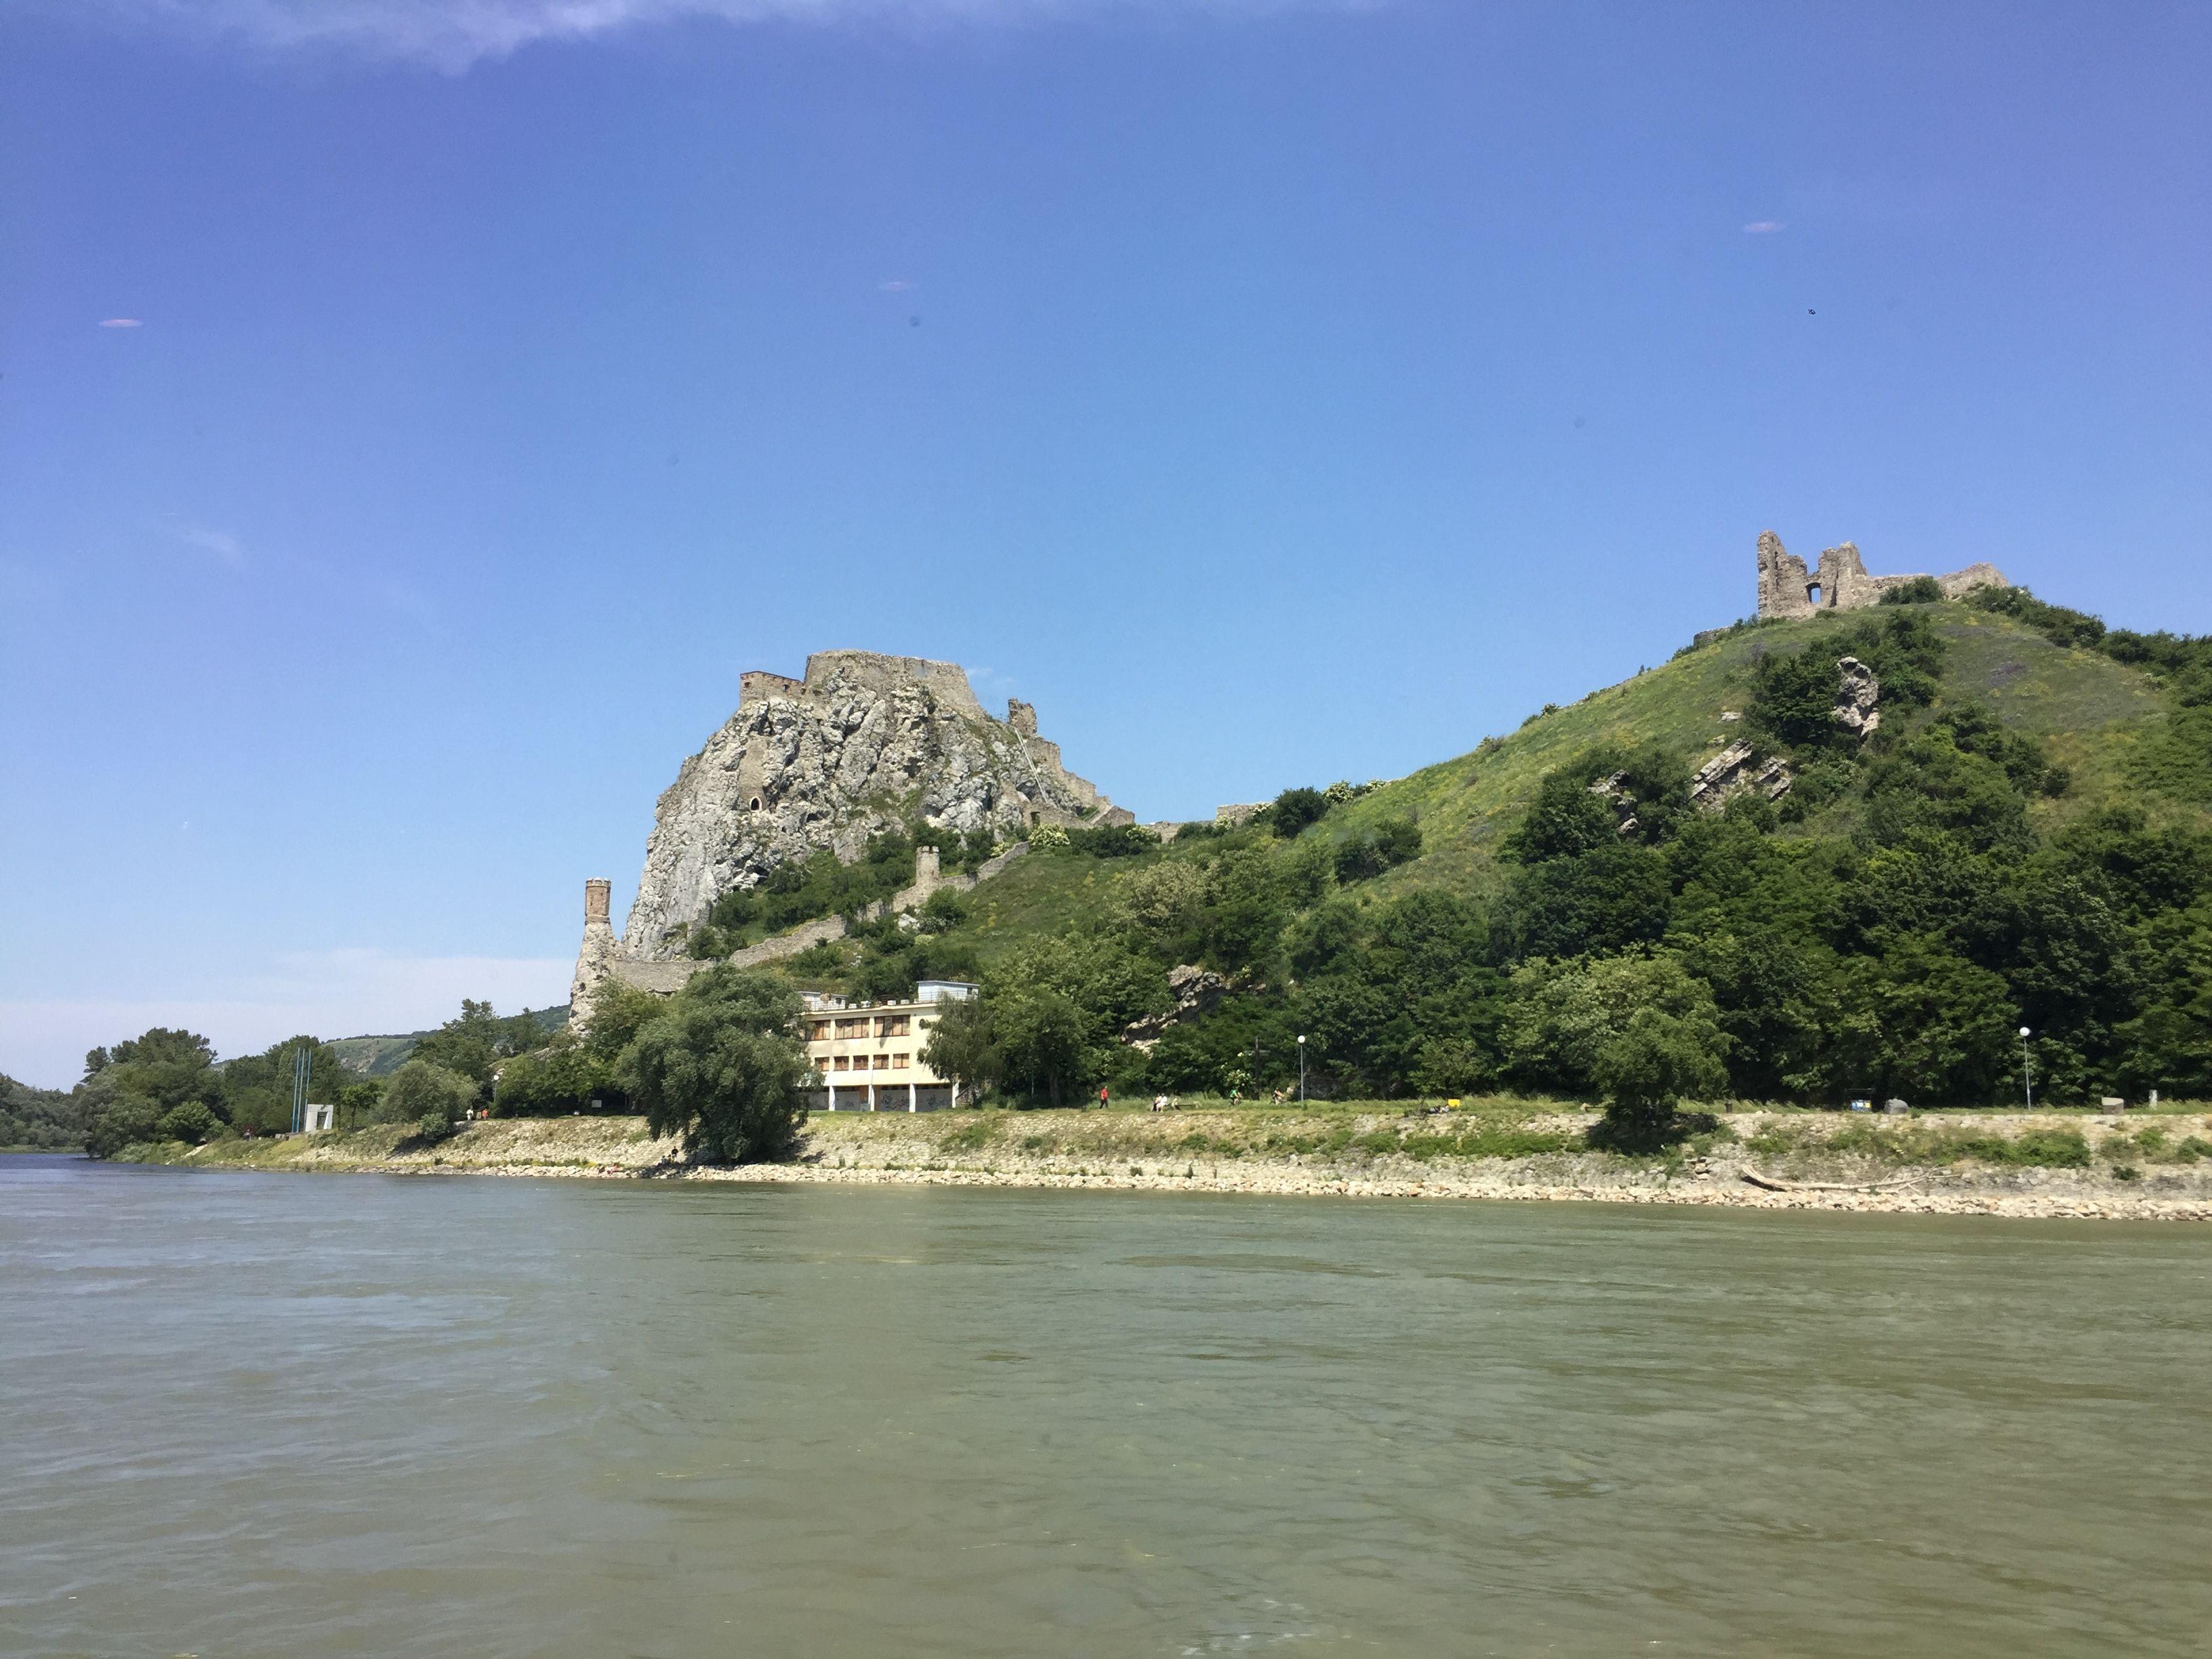 Von Bratislava und überhaupt von der Slowakei hatte ich nie ein gutes Bild vor Augen. Dabei war mein bisheriger Aufenthalt in der Slowakei mehr als kurz. Als ich 2004 mit meinen Eltern zum Balaton gefahren bin, hatten wir eine lange Autofahrt. Mitten in der Nacht waren wir in Bratislava bzw. wahrscheinlich eher auf einer Autobahn …